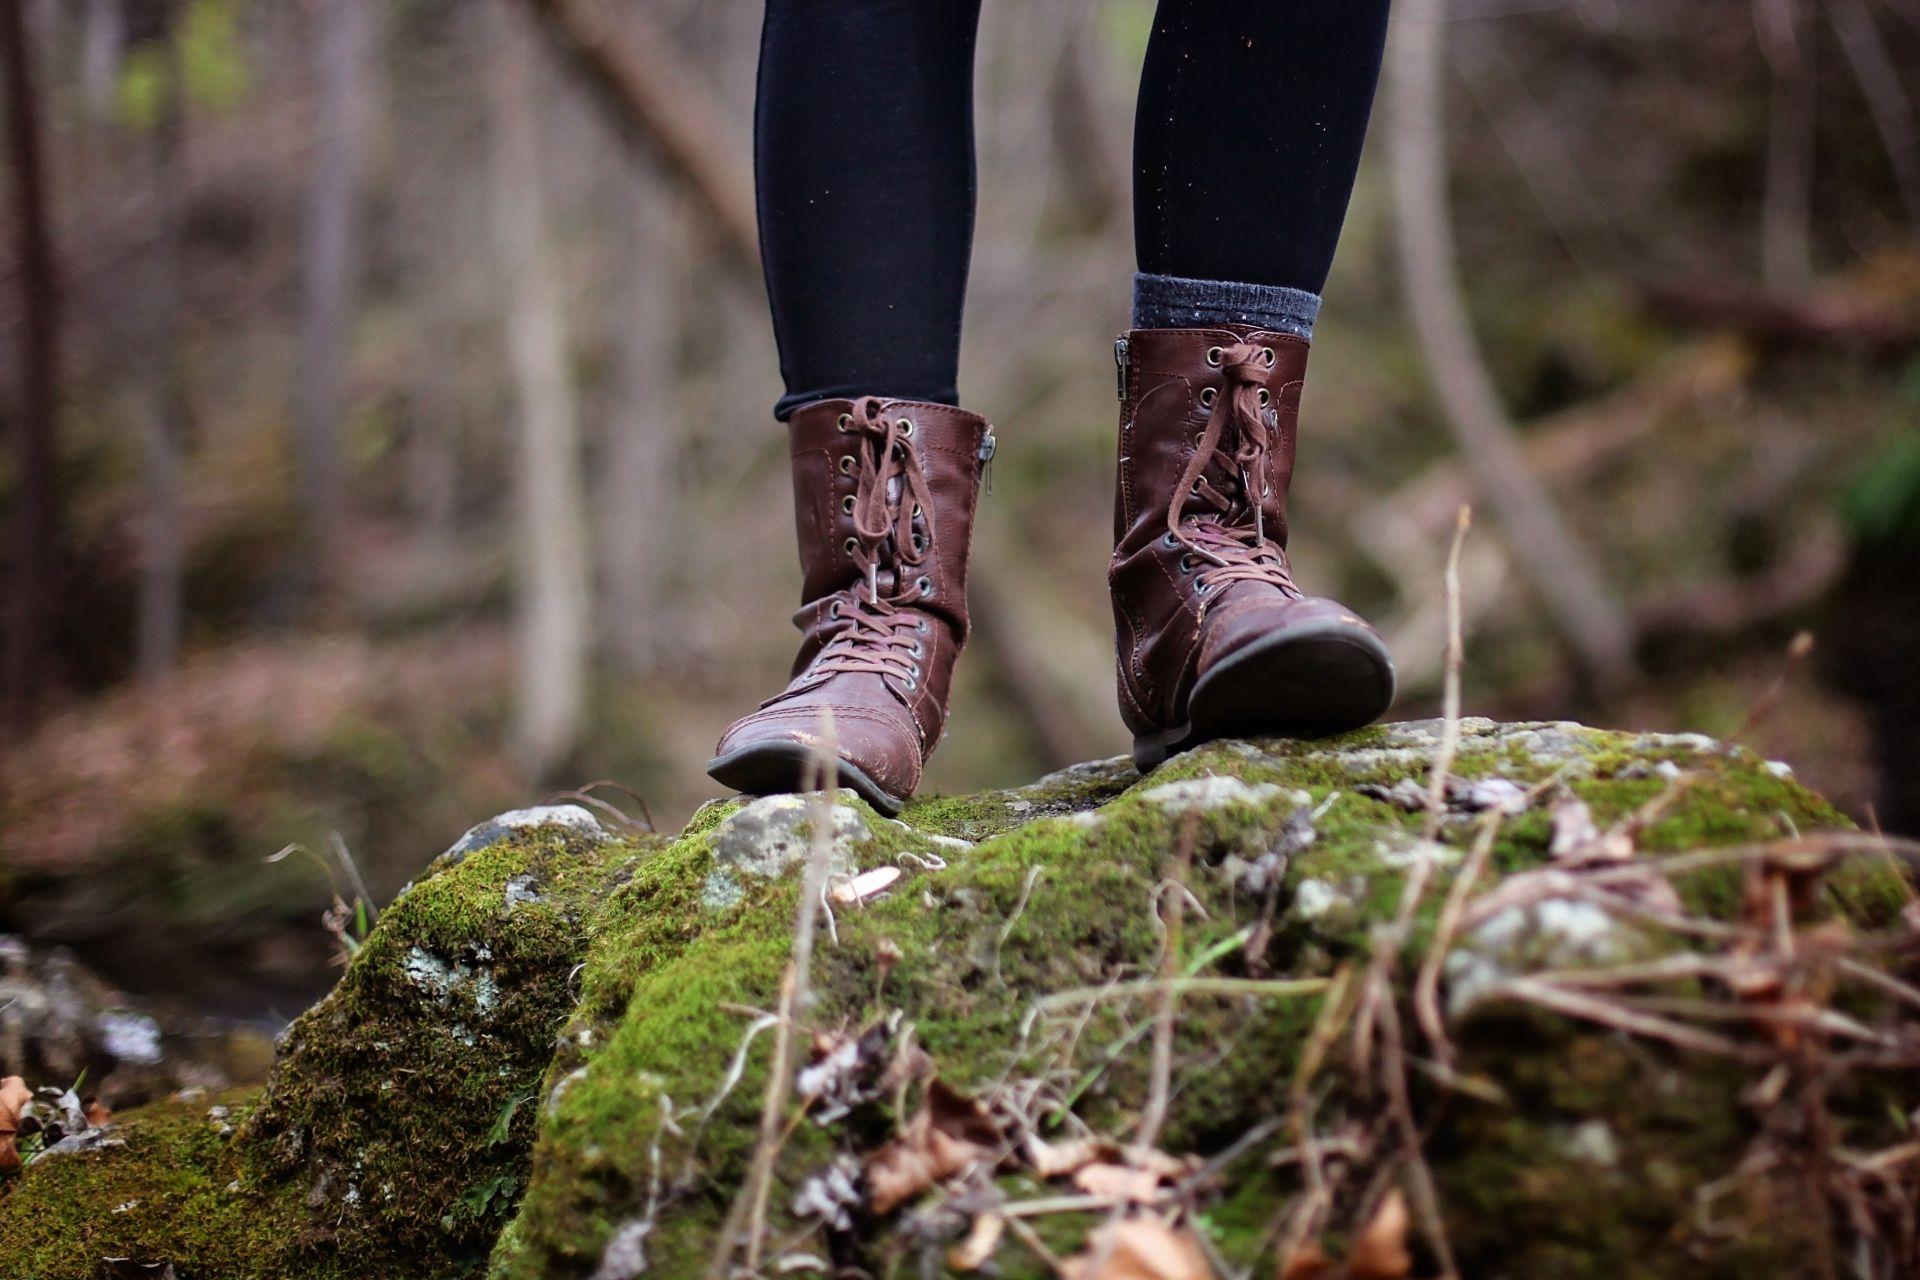 Kengät sammaleisella kivellä metsässä.